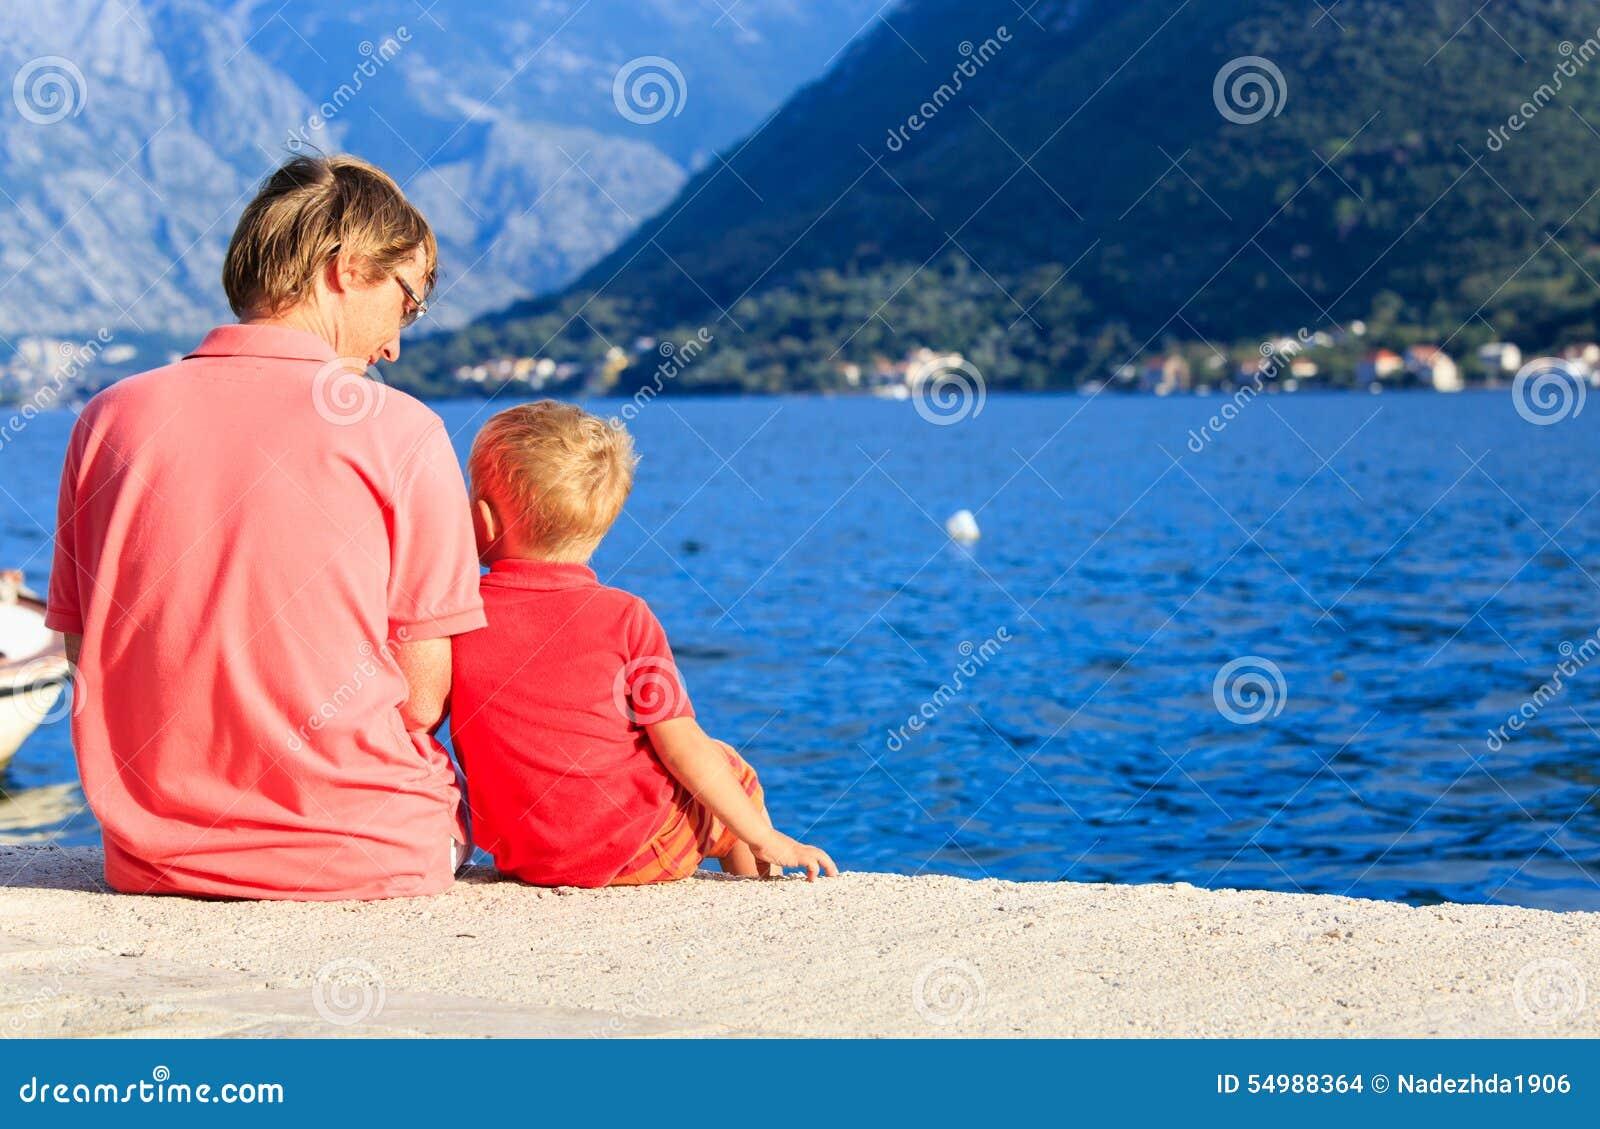 Πατέρας και ελάχιστα ομιλία στη φυσική παραλία θάλασσας μέσα